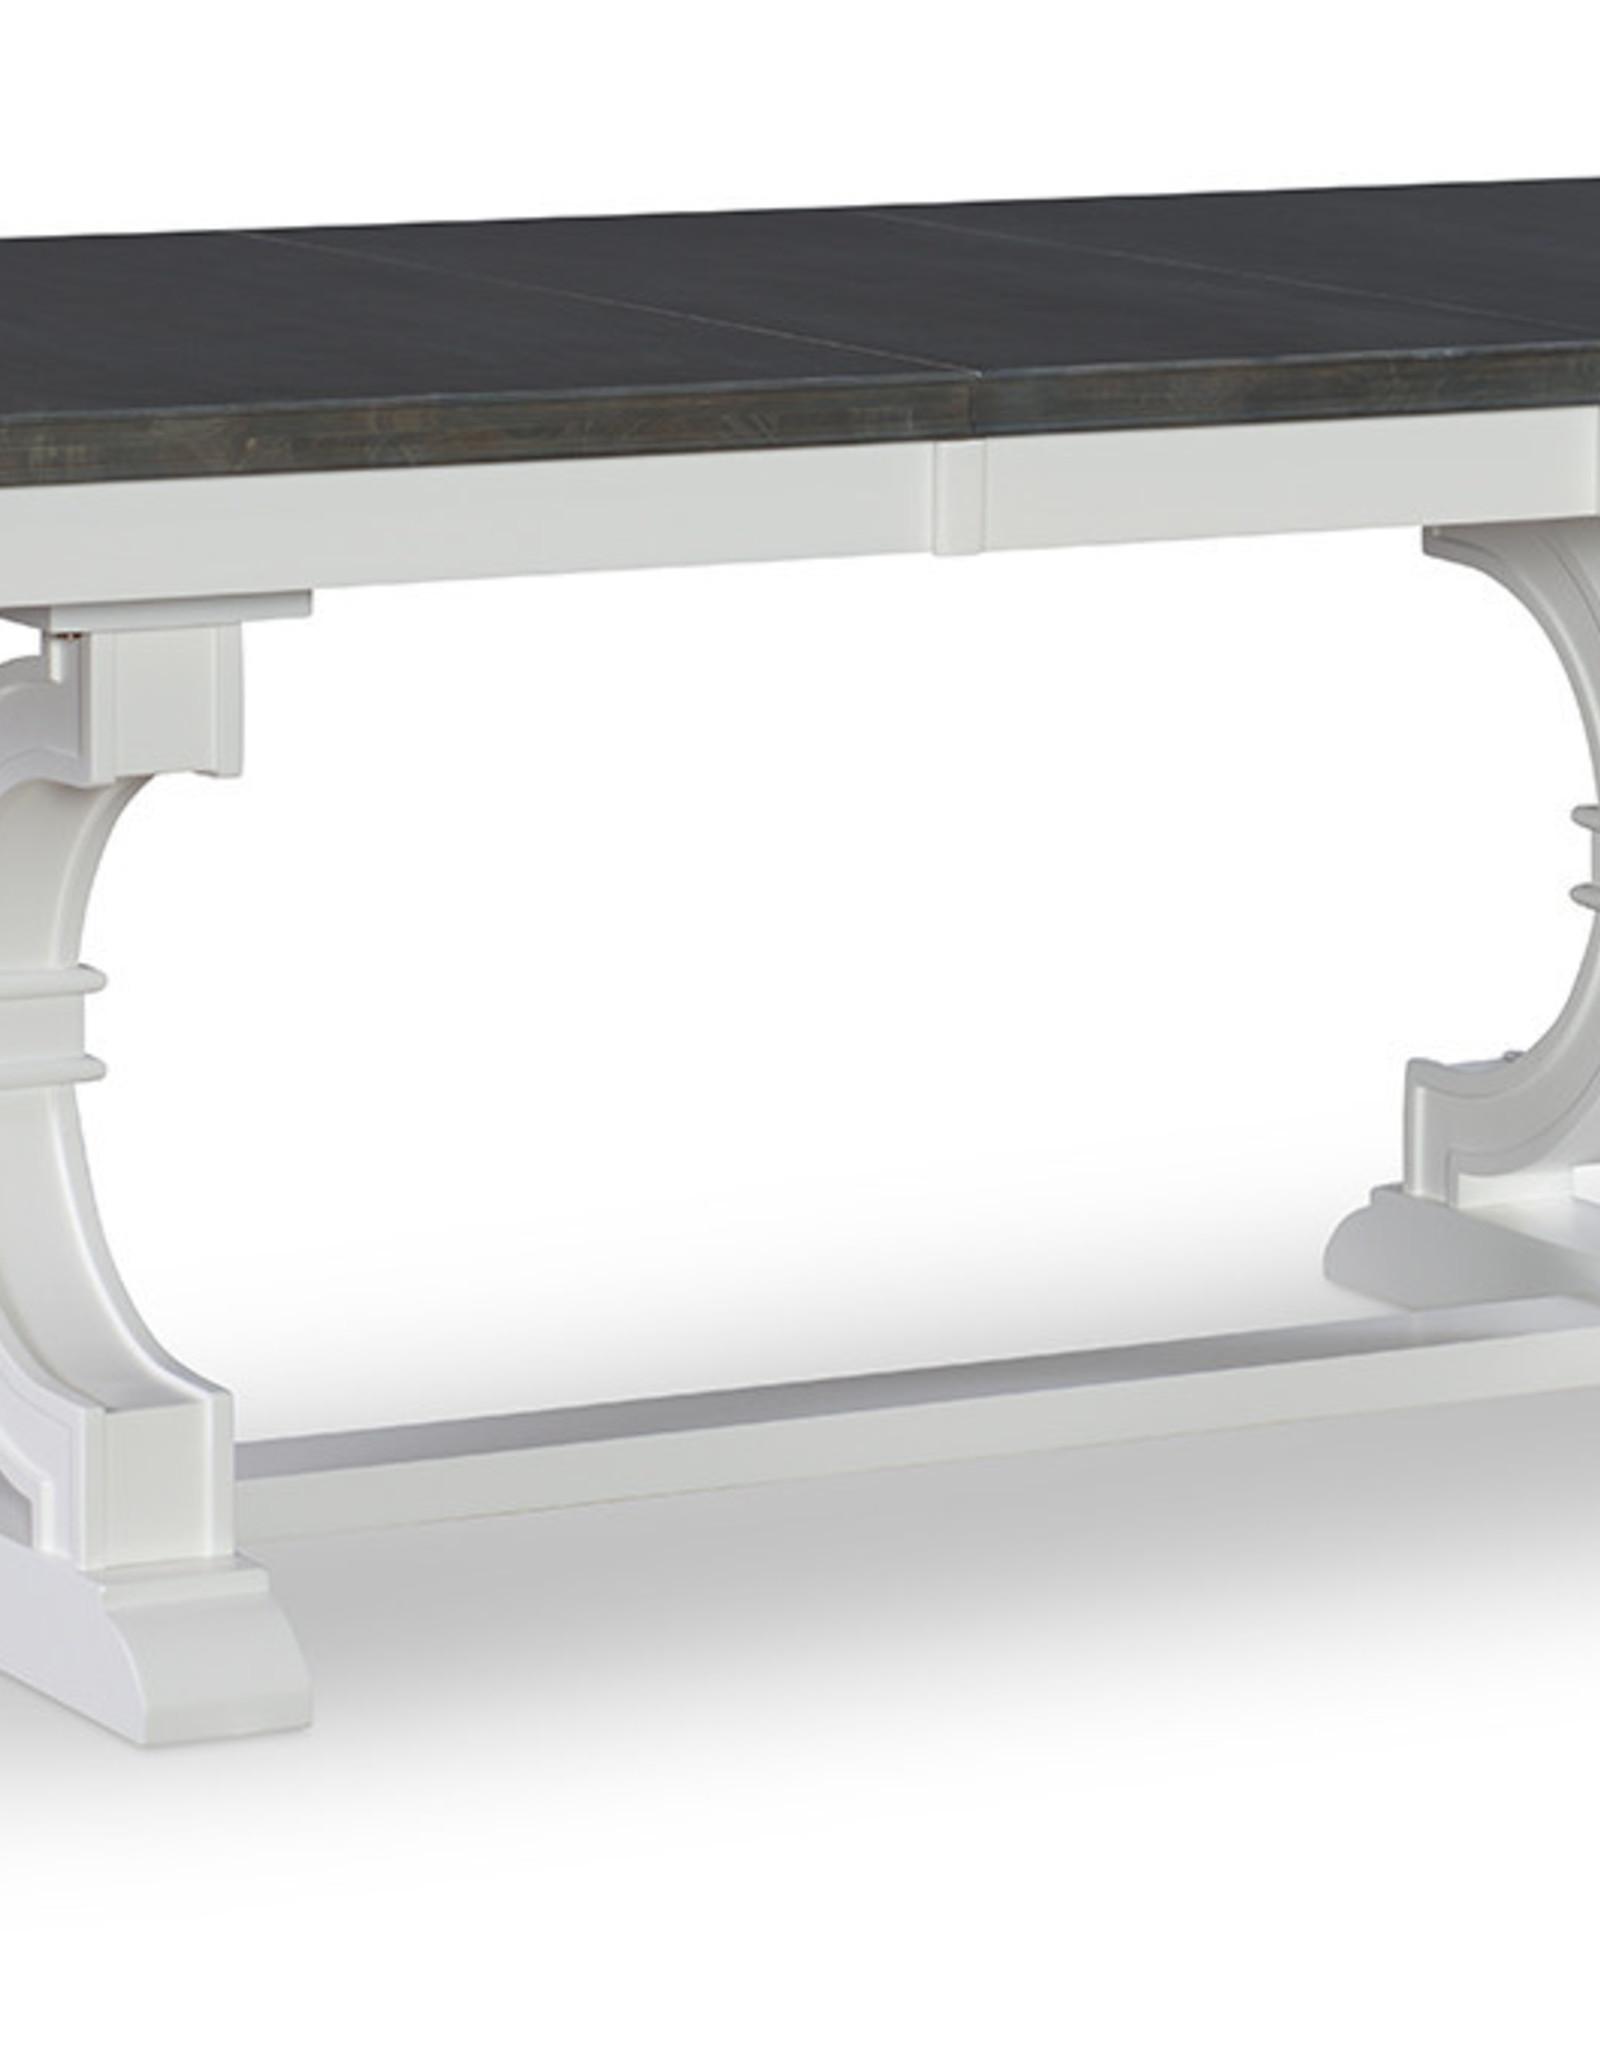 Whitewood Cosmopolitan Table